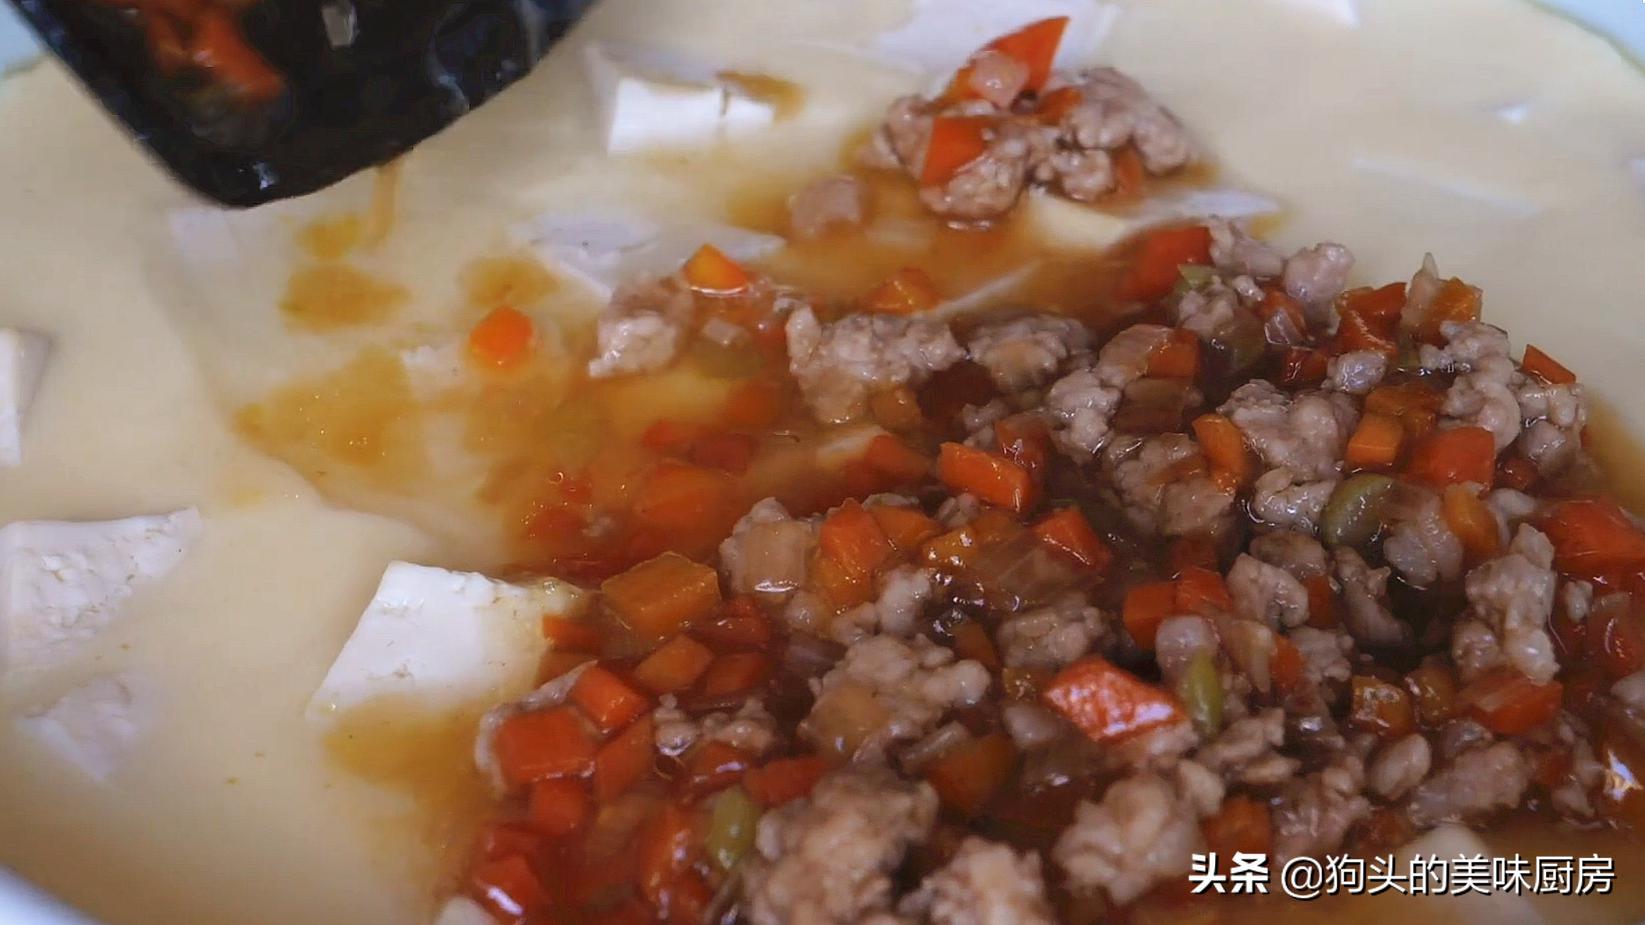 豆腐切成丁,不炒不煎不油炸,连吃一个月也不腻,营养丰富又美味 美食做法 第18张